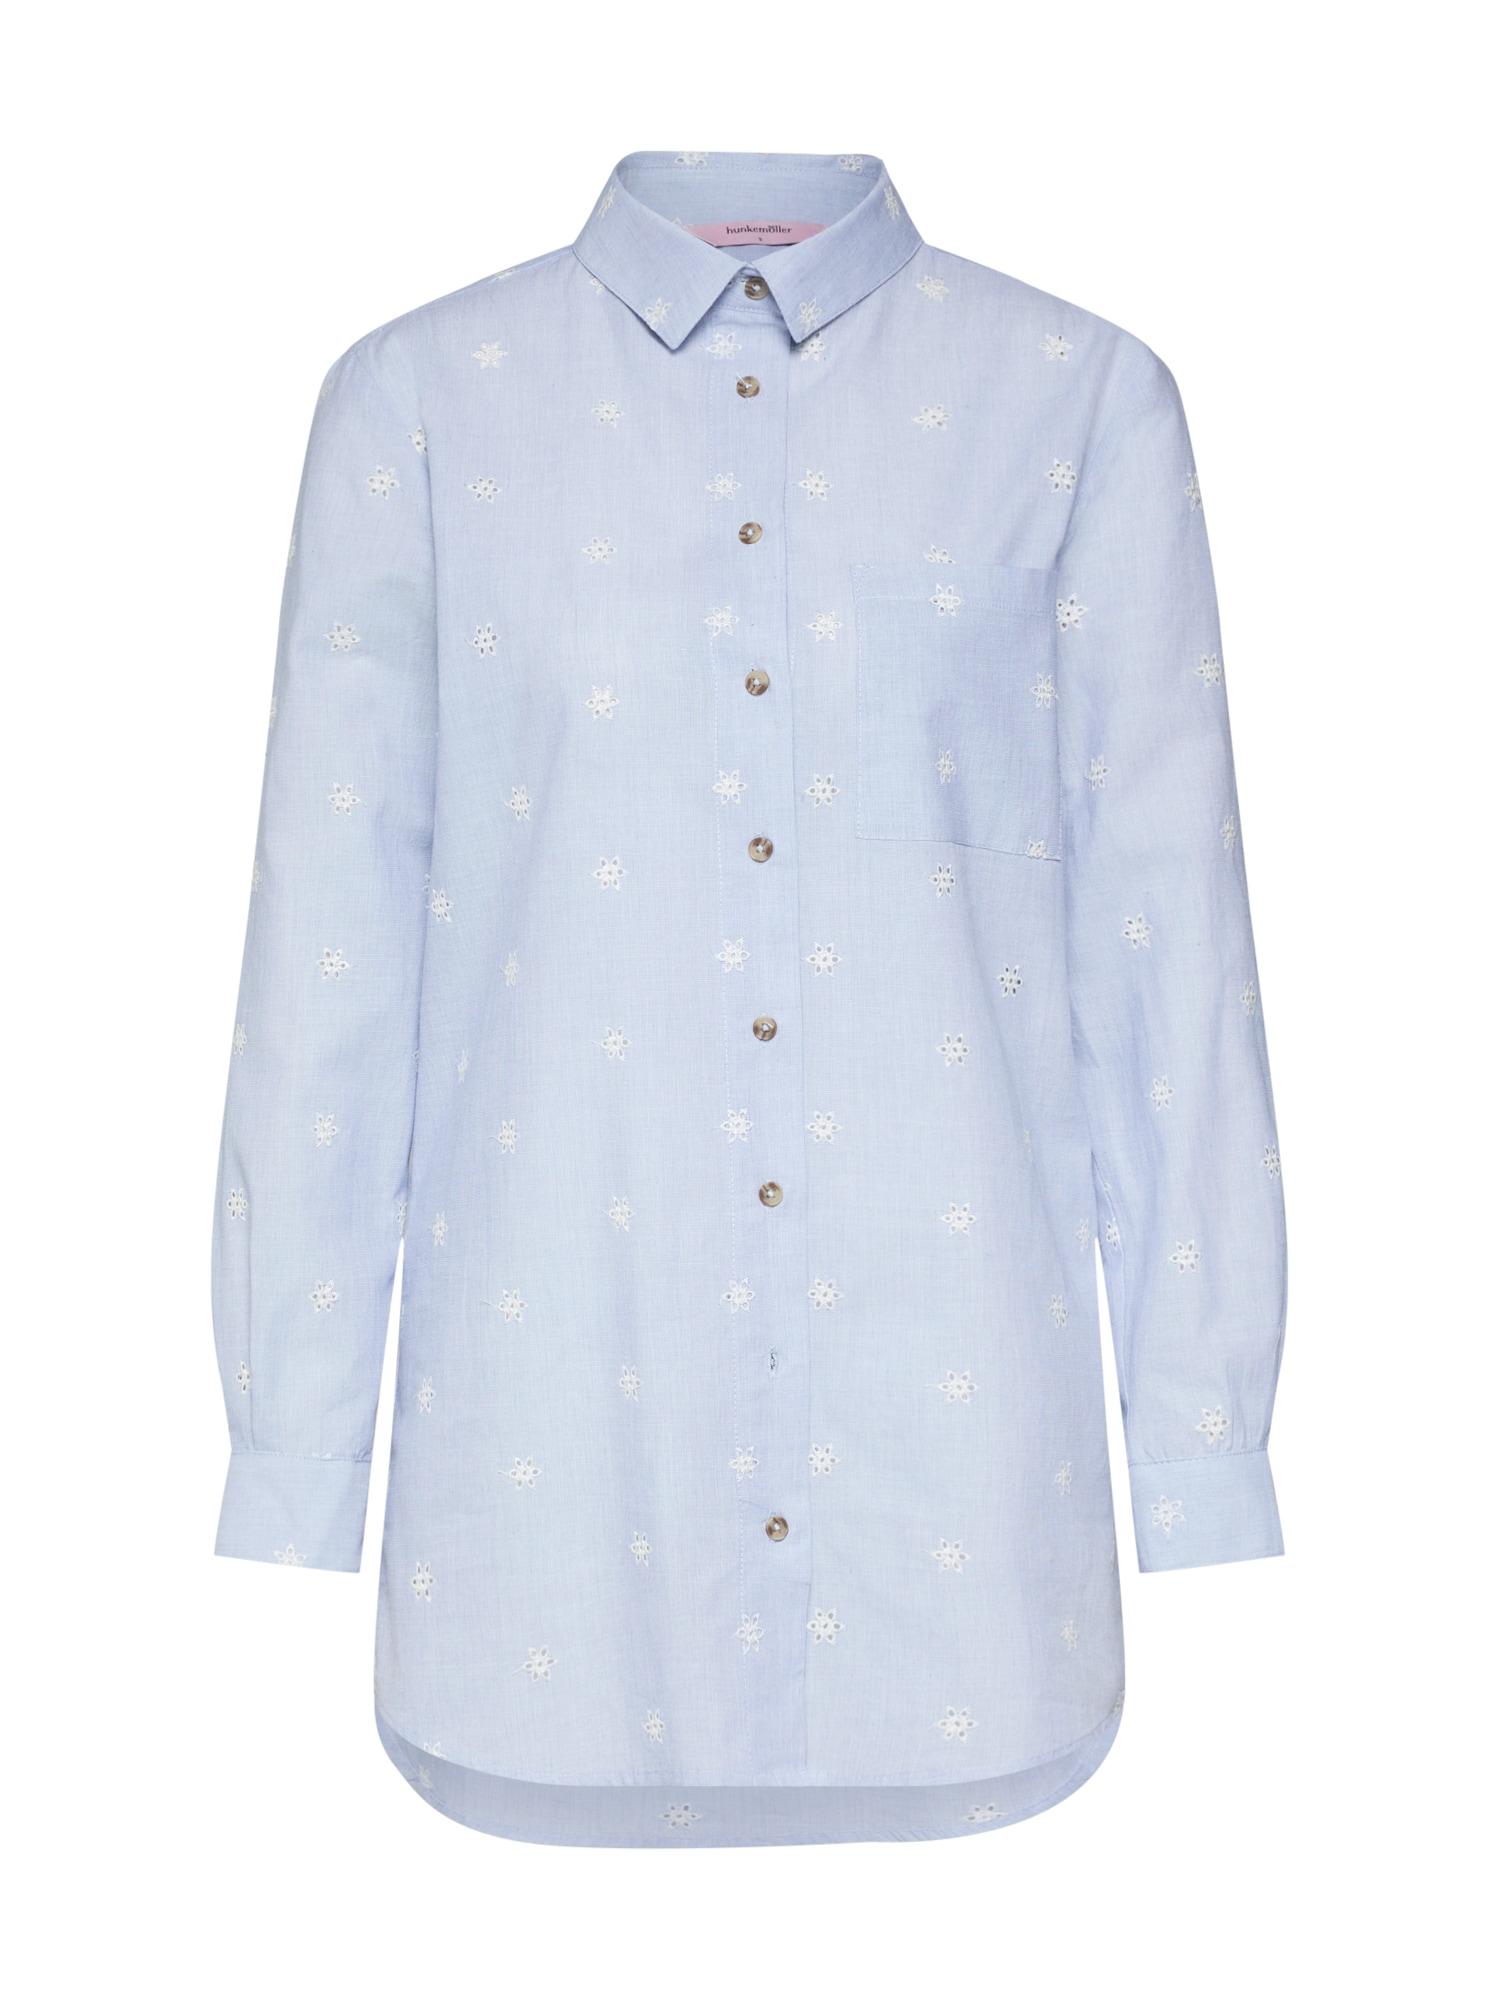 Noční košilka Menshirt Chambray Embroided světlemodrá bílá Hunkemöller